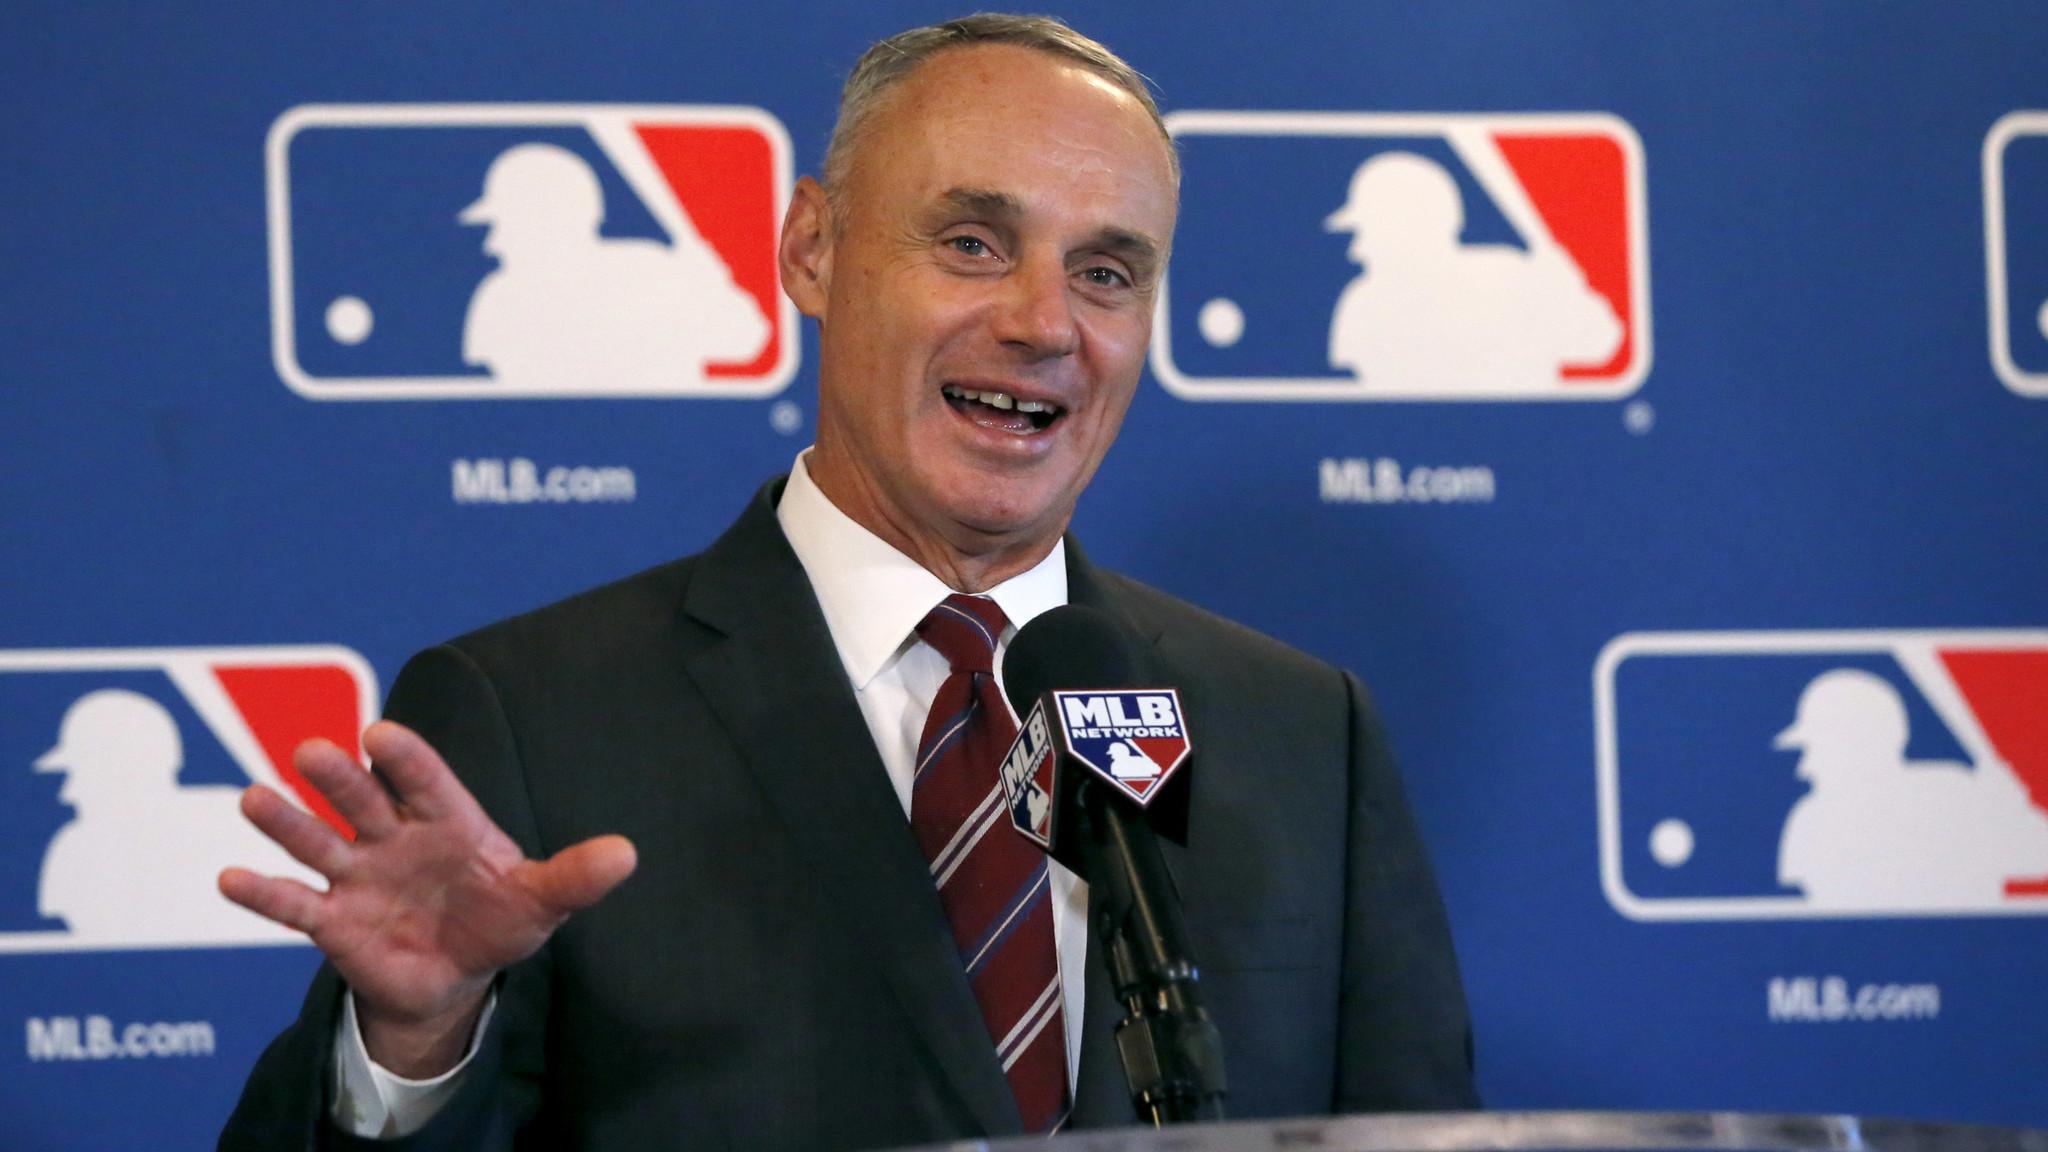 La-sp-baseball-labor-deal-20161130